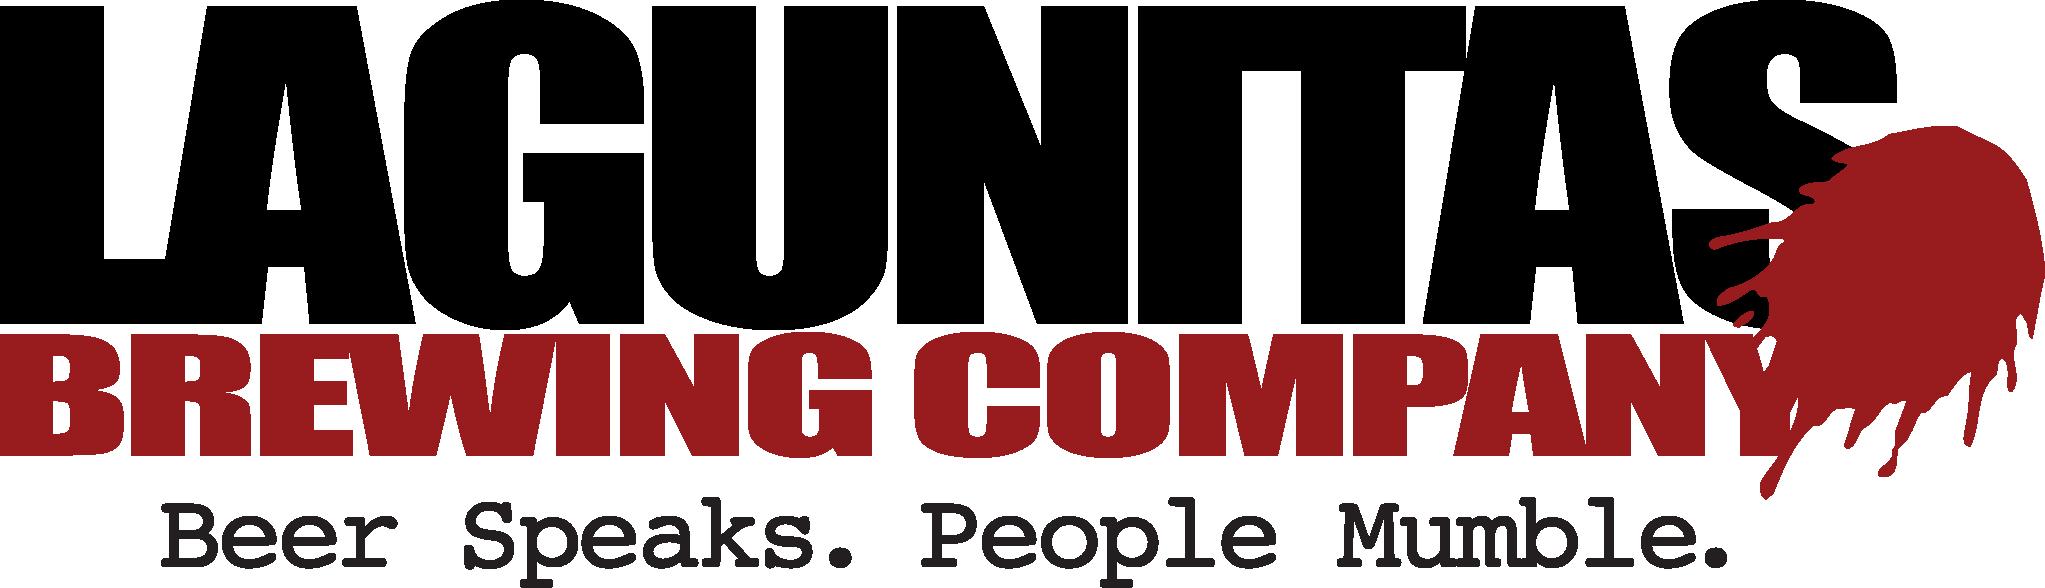 Logo_BeerSpeaks_OneLine_2017.jpg